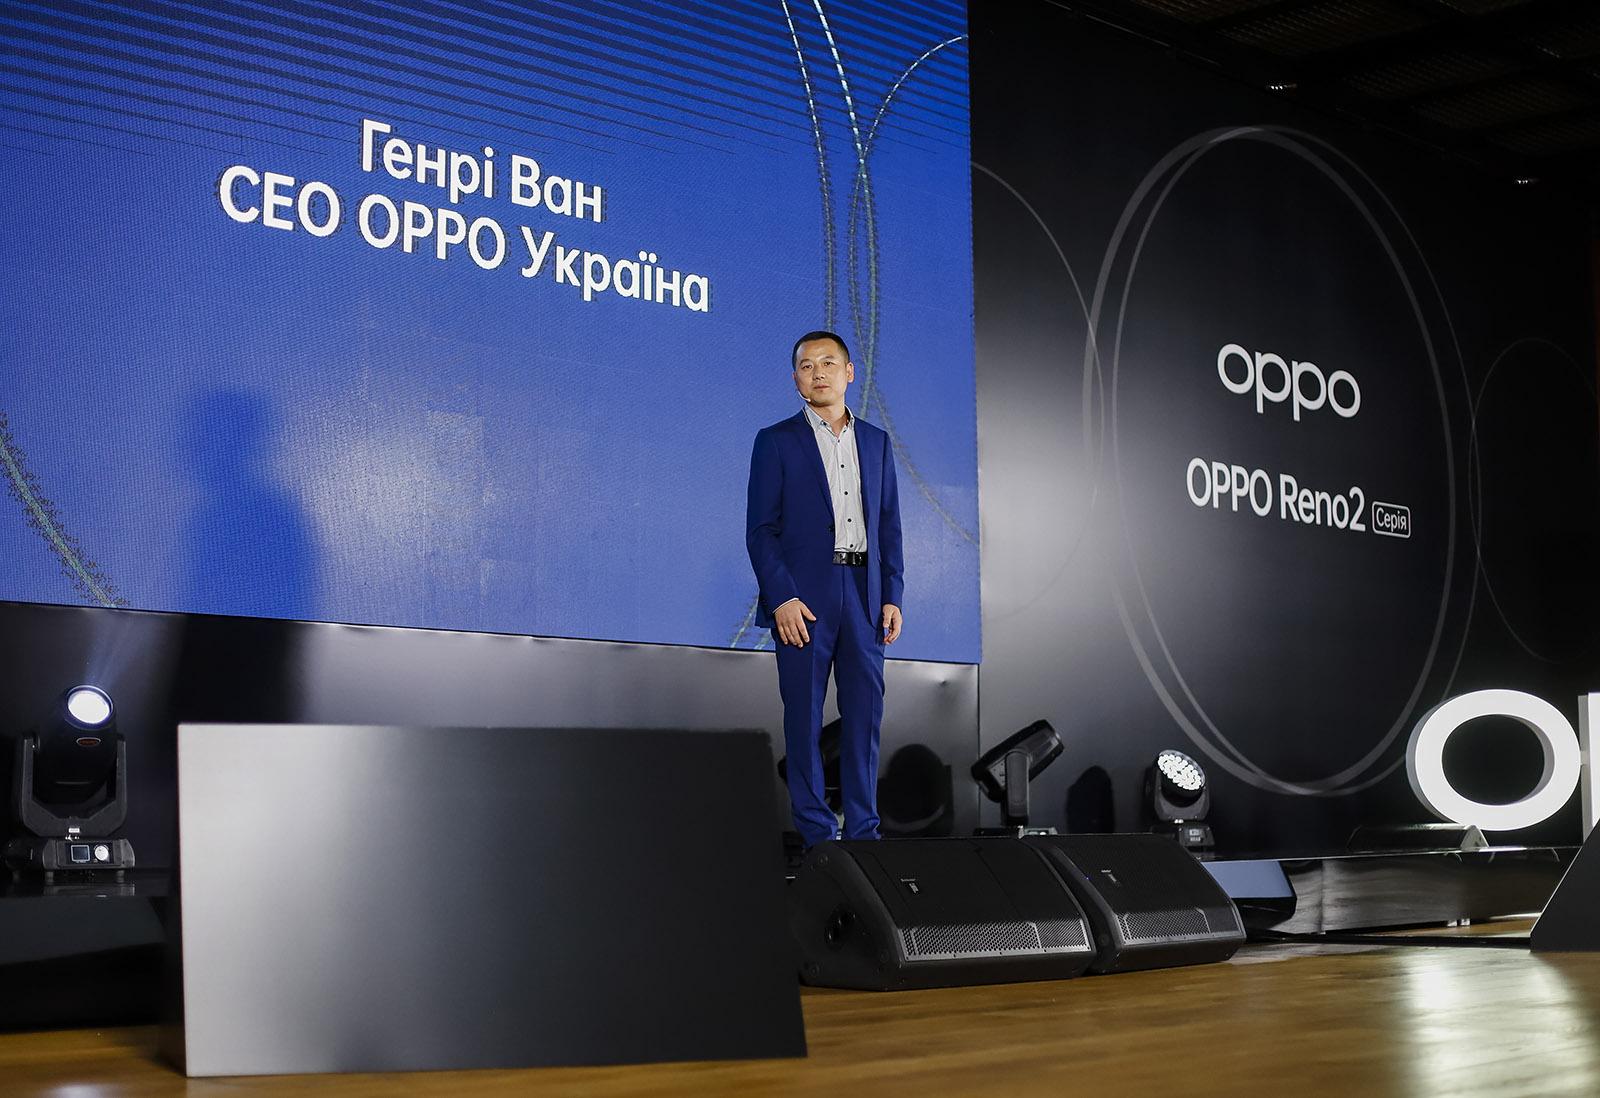 Генеральный директор OPPO в Украине Генри Ван (Henry Wang)